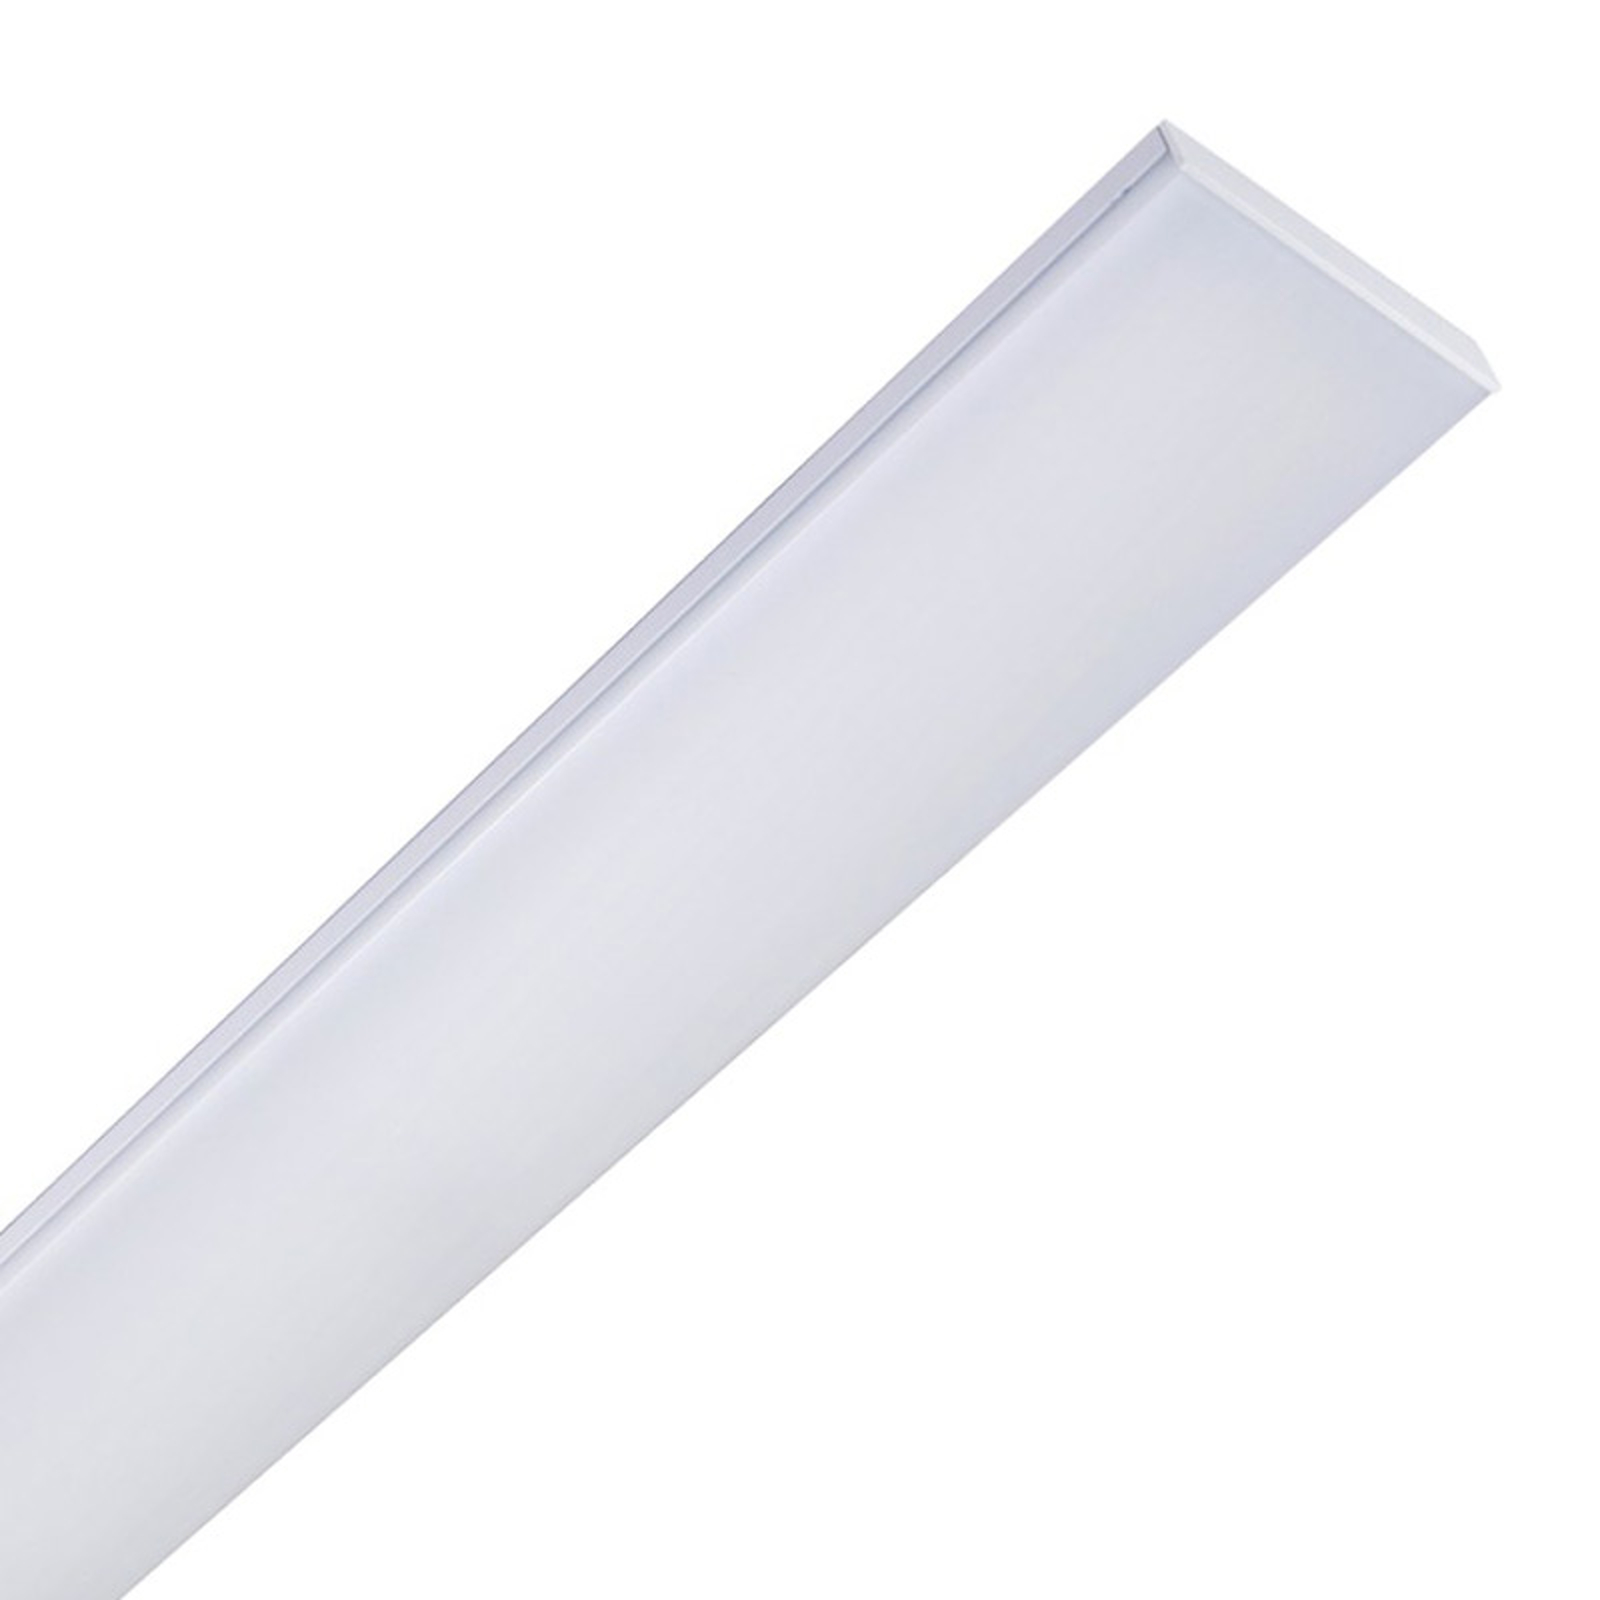 LED plafondlamp Planus 60 m. universeel witte LEDs